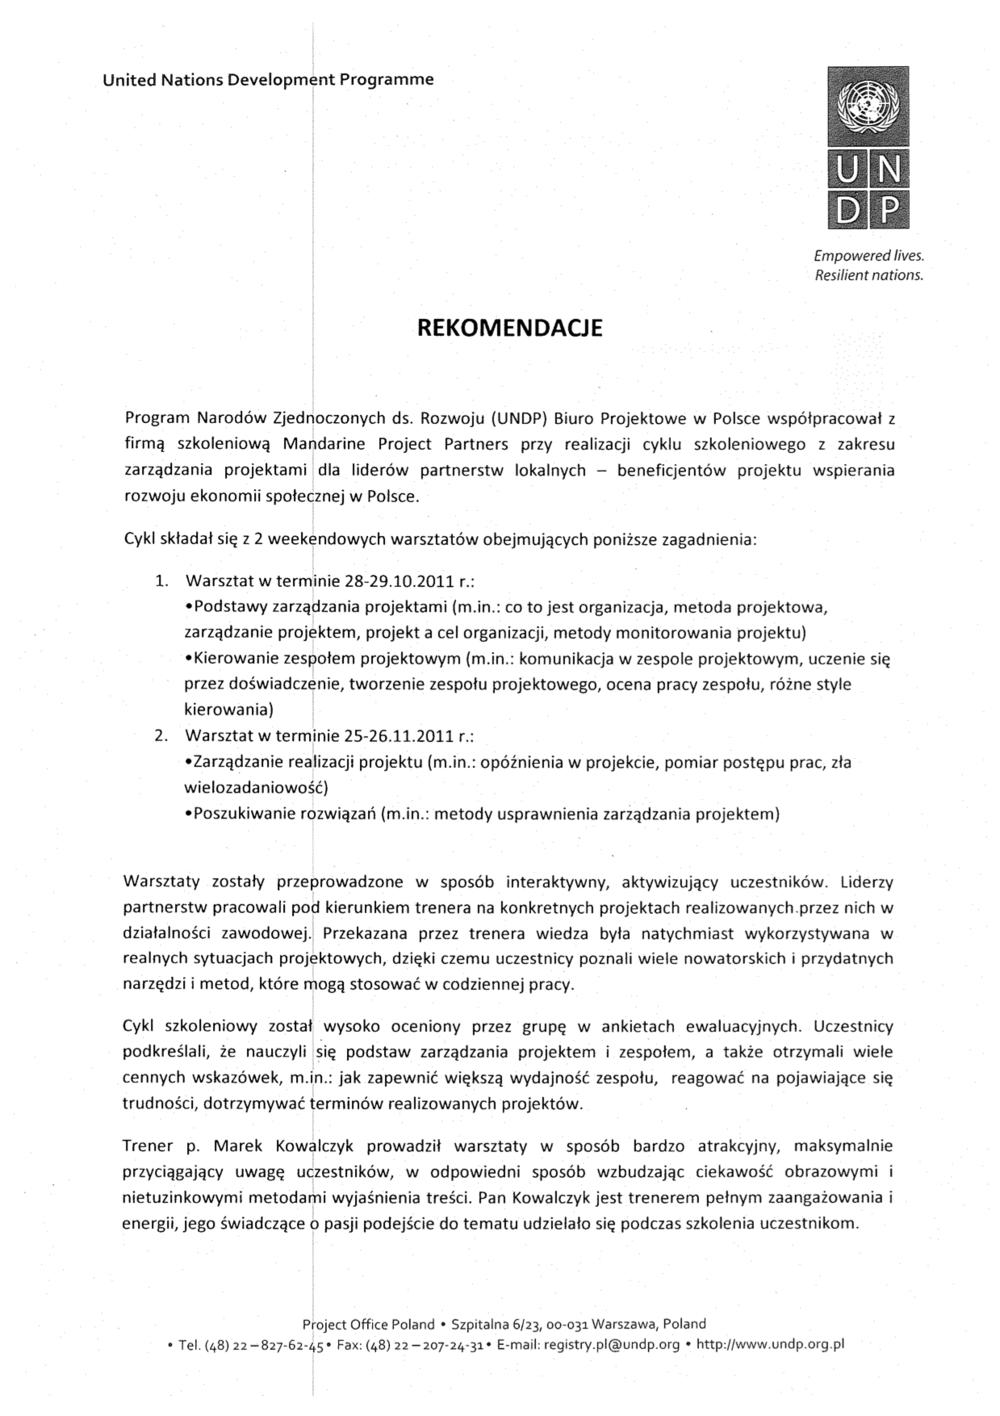 Referencje UNDP